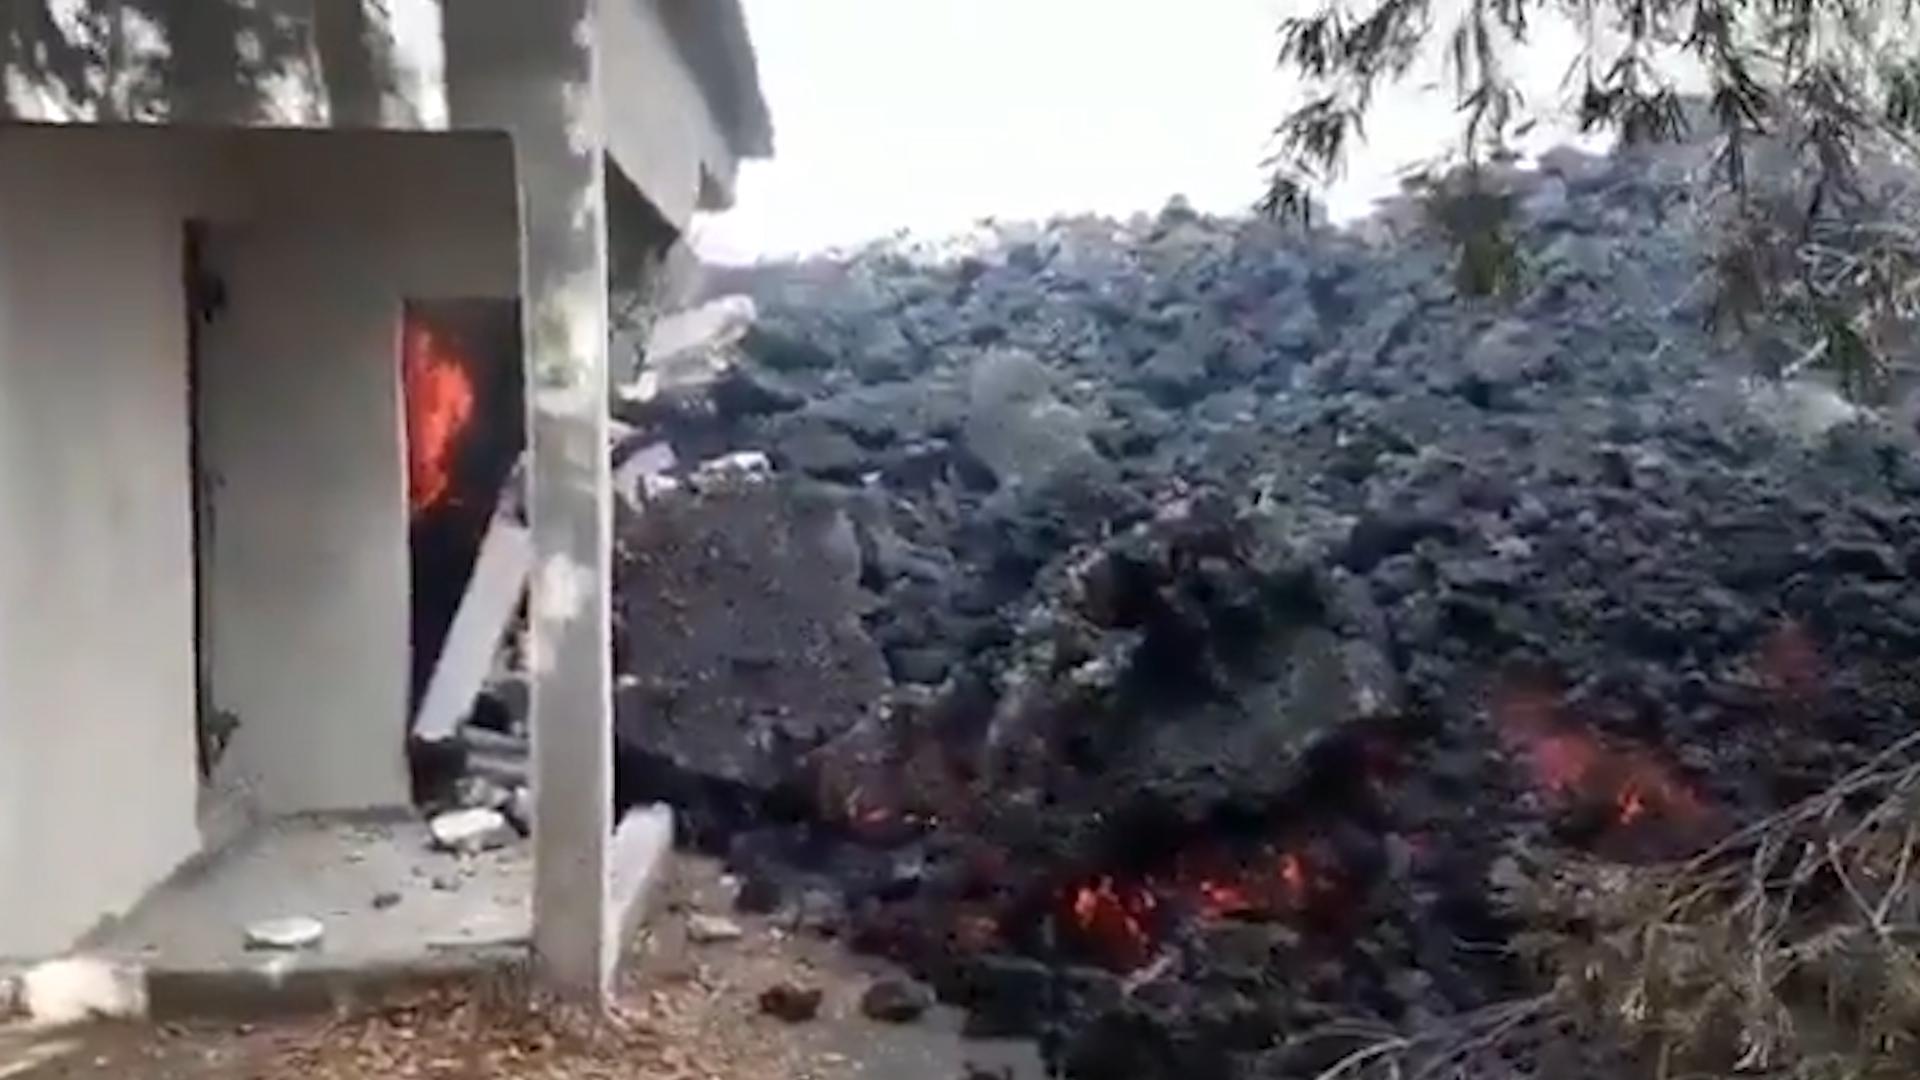 Извергается почти два месяца: в Гватемале потоки лавы из вулкана Пакая достигли жилых домов — видео